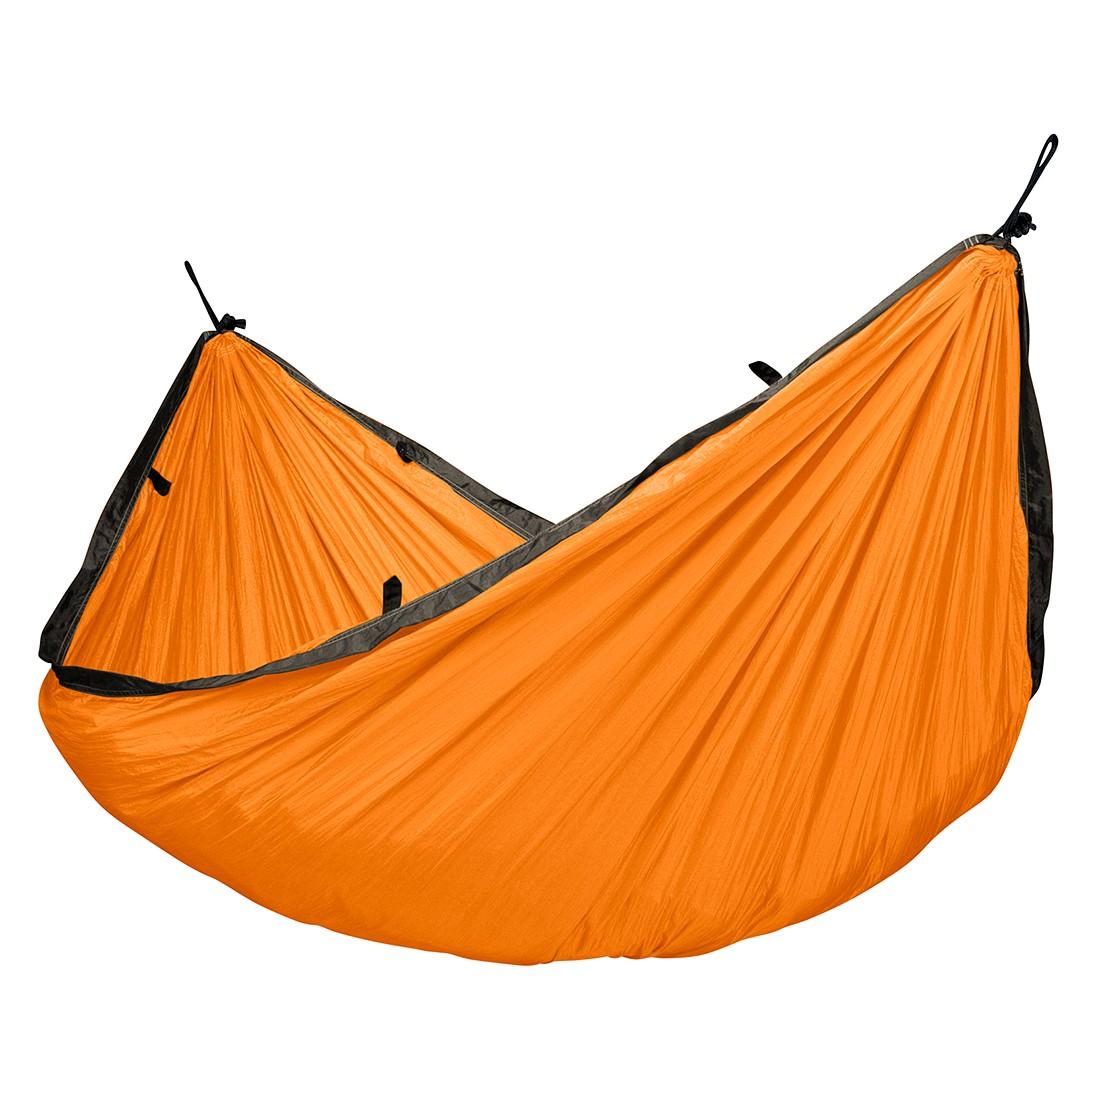 Single-Reisehängematte Colibri – Orange, La Siesta online bestellen